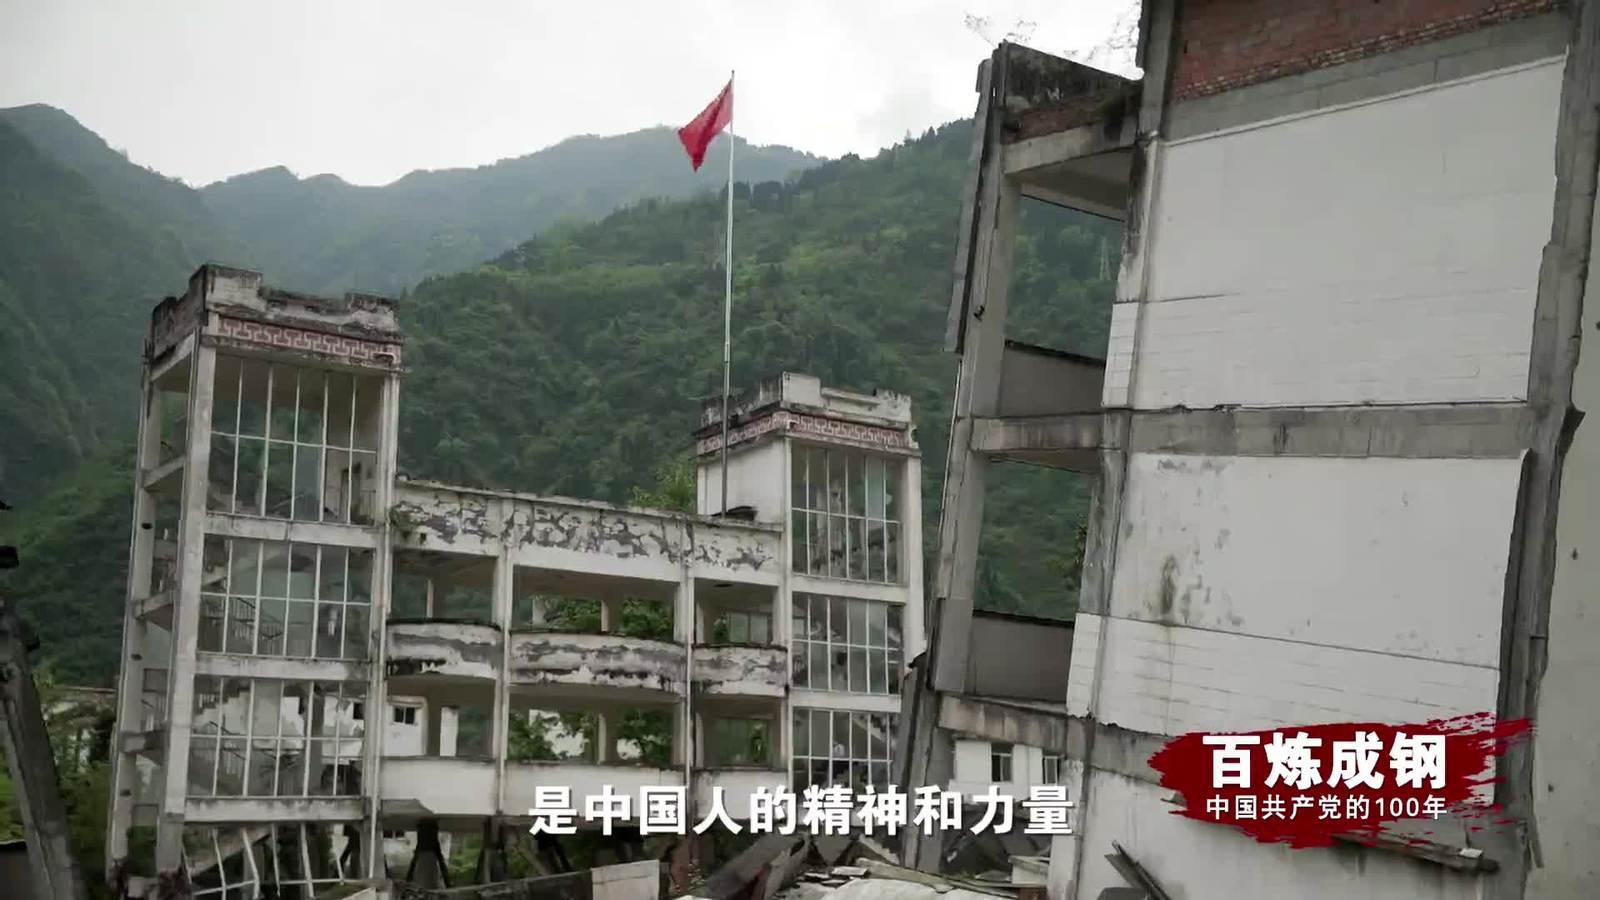 百炼成钢|中国共产党的100年 第六十六集:万众一心